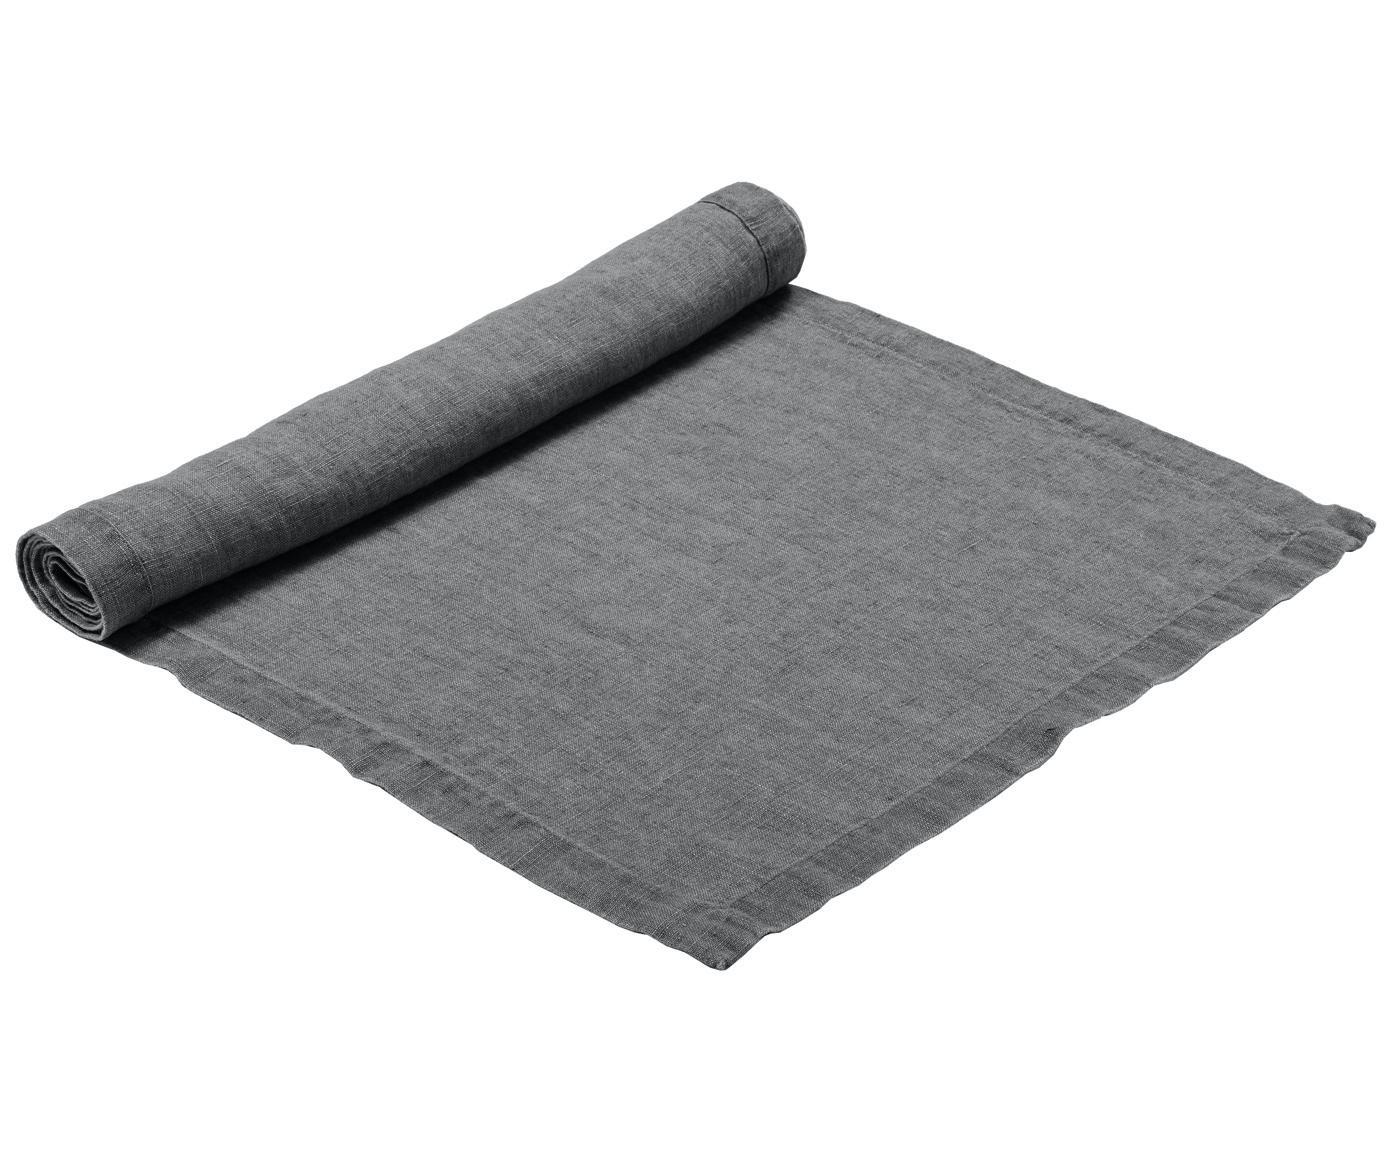 Leinen-Tischläufer Ruta, Grau, 40 x 140 cm